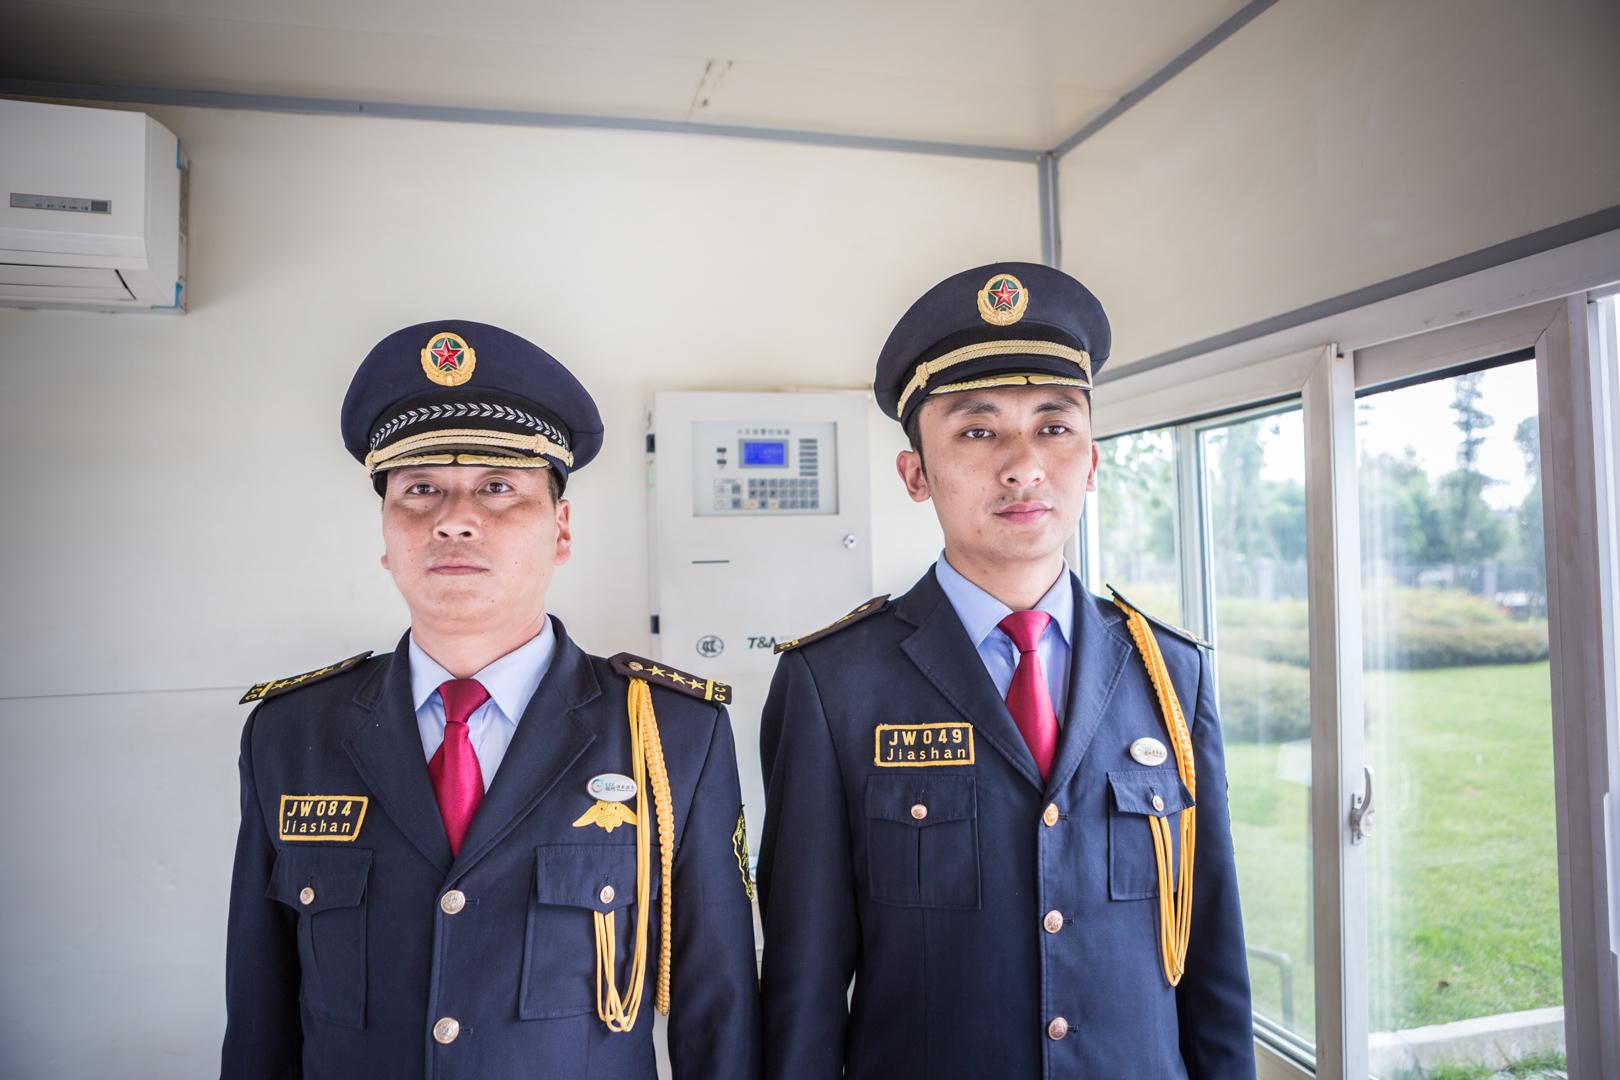 Sicherheitsangestellte in der nähe von Chengdu, China